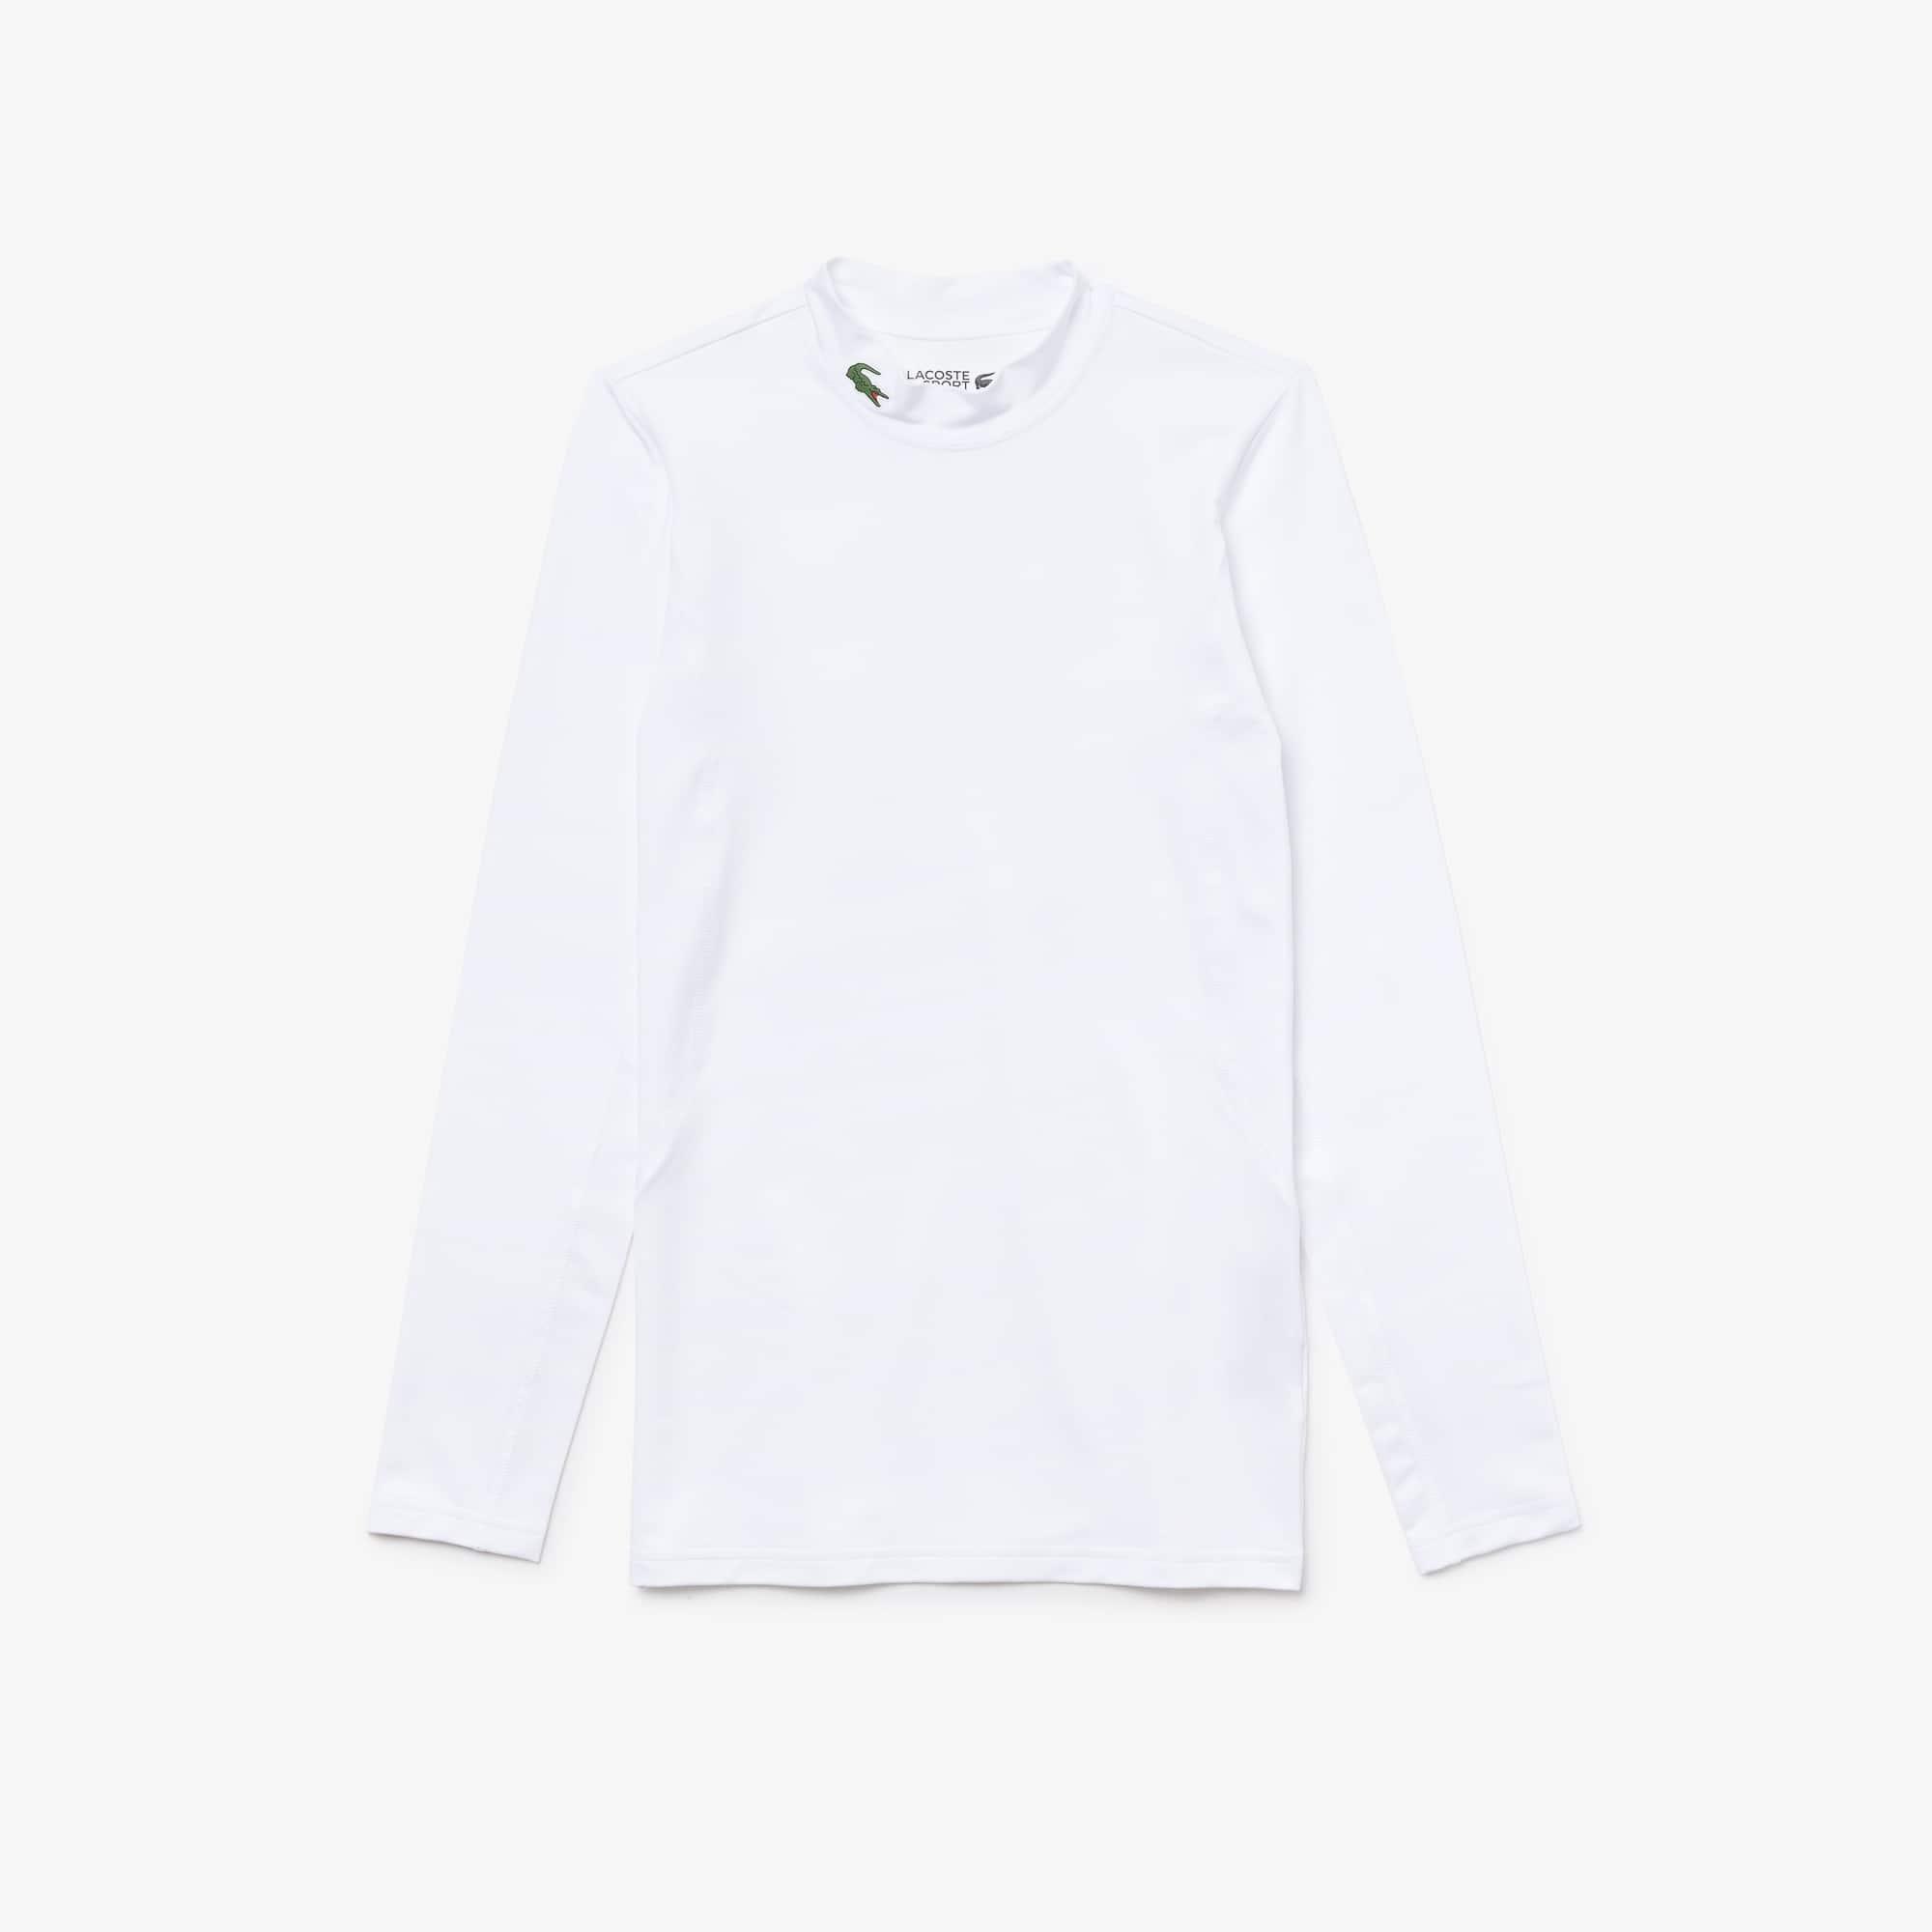 Herren LACOSTE SPORT T-Shirt mit Stehkragen aus Funktionsjersey